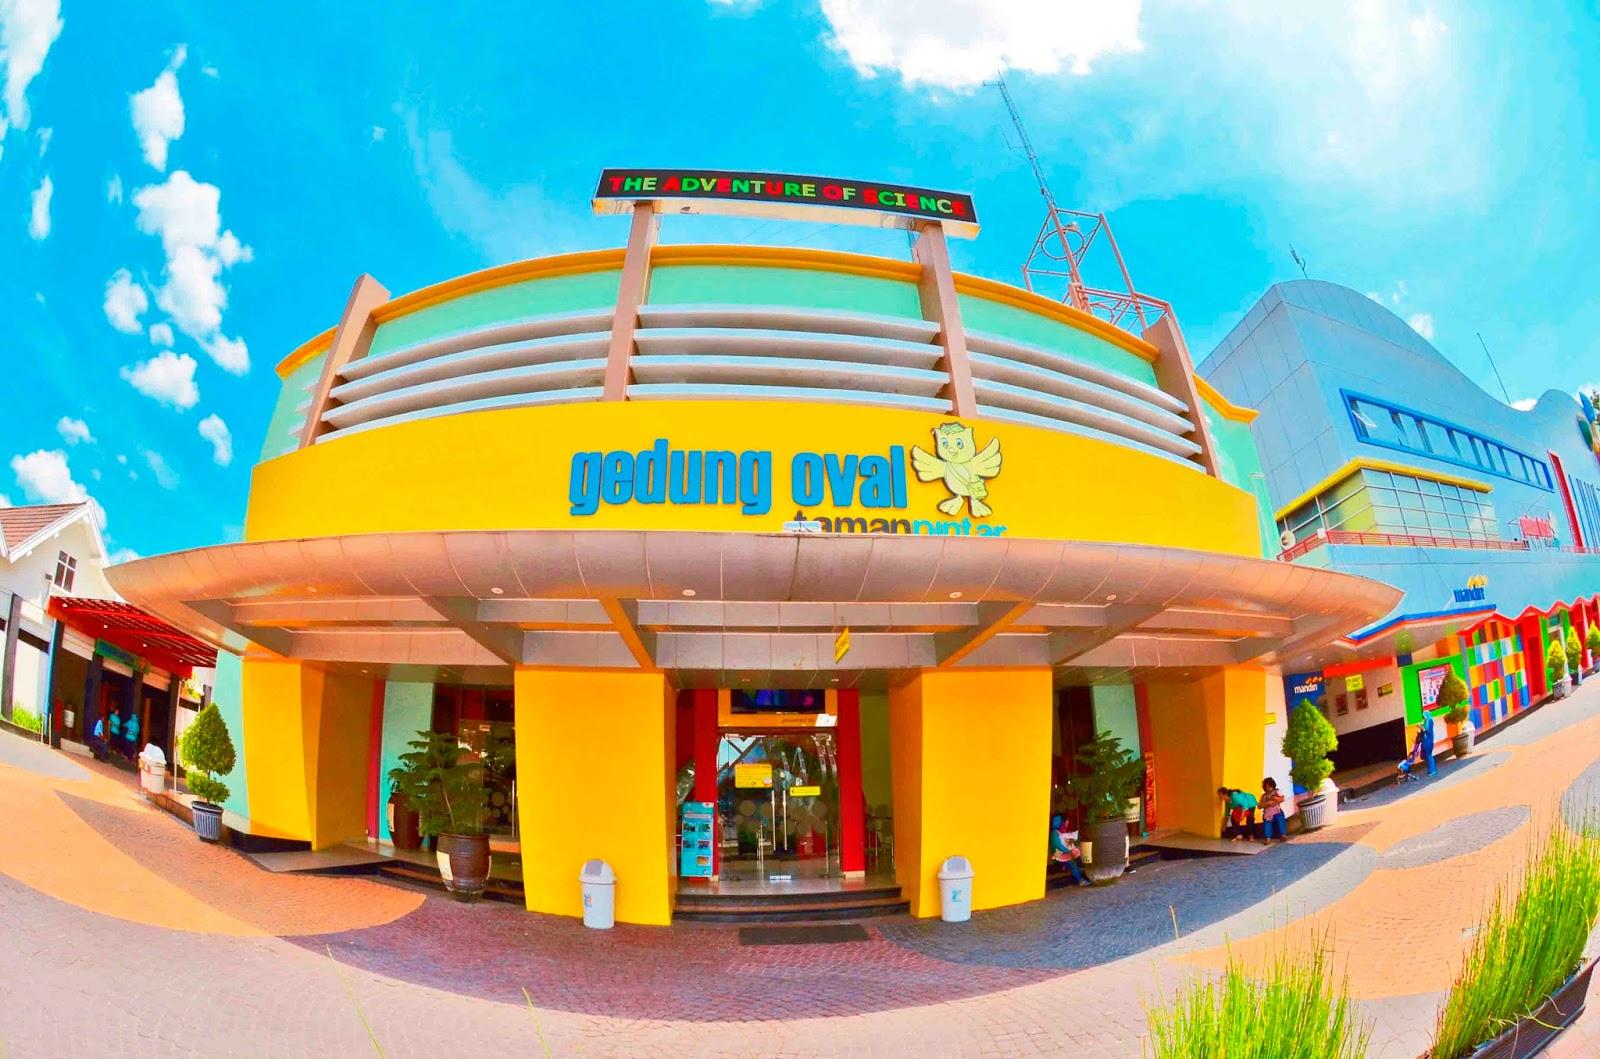 Rekomendasi Tempat Wisata Indoor di Jogja yang Cocok Dikunjungi saat Musim Hujan